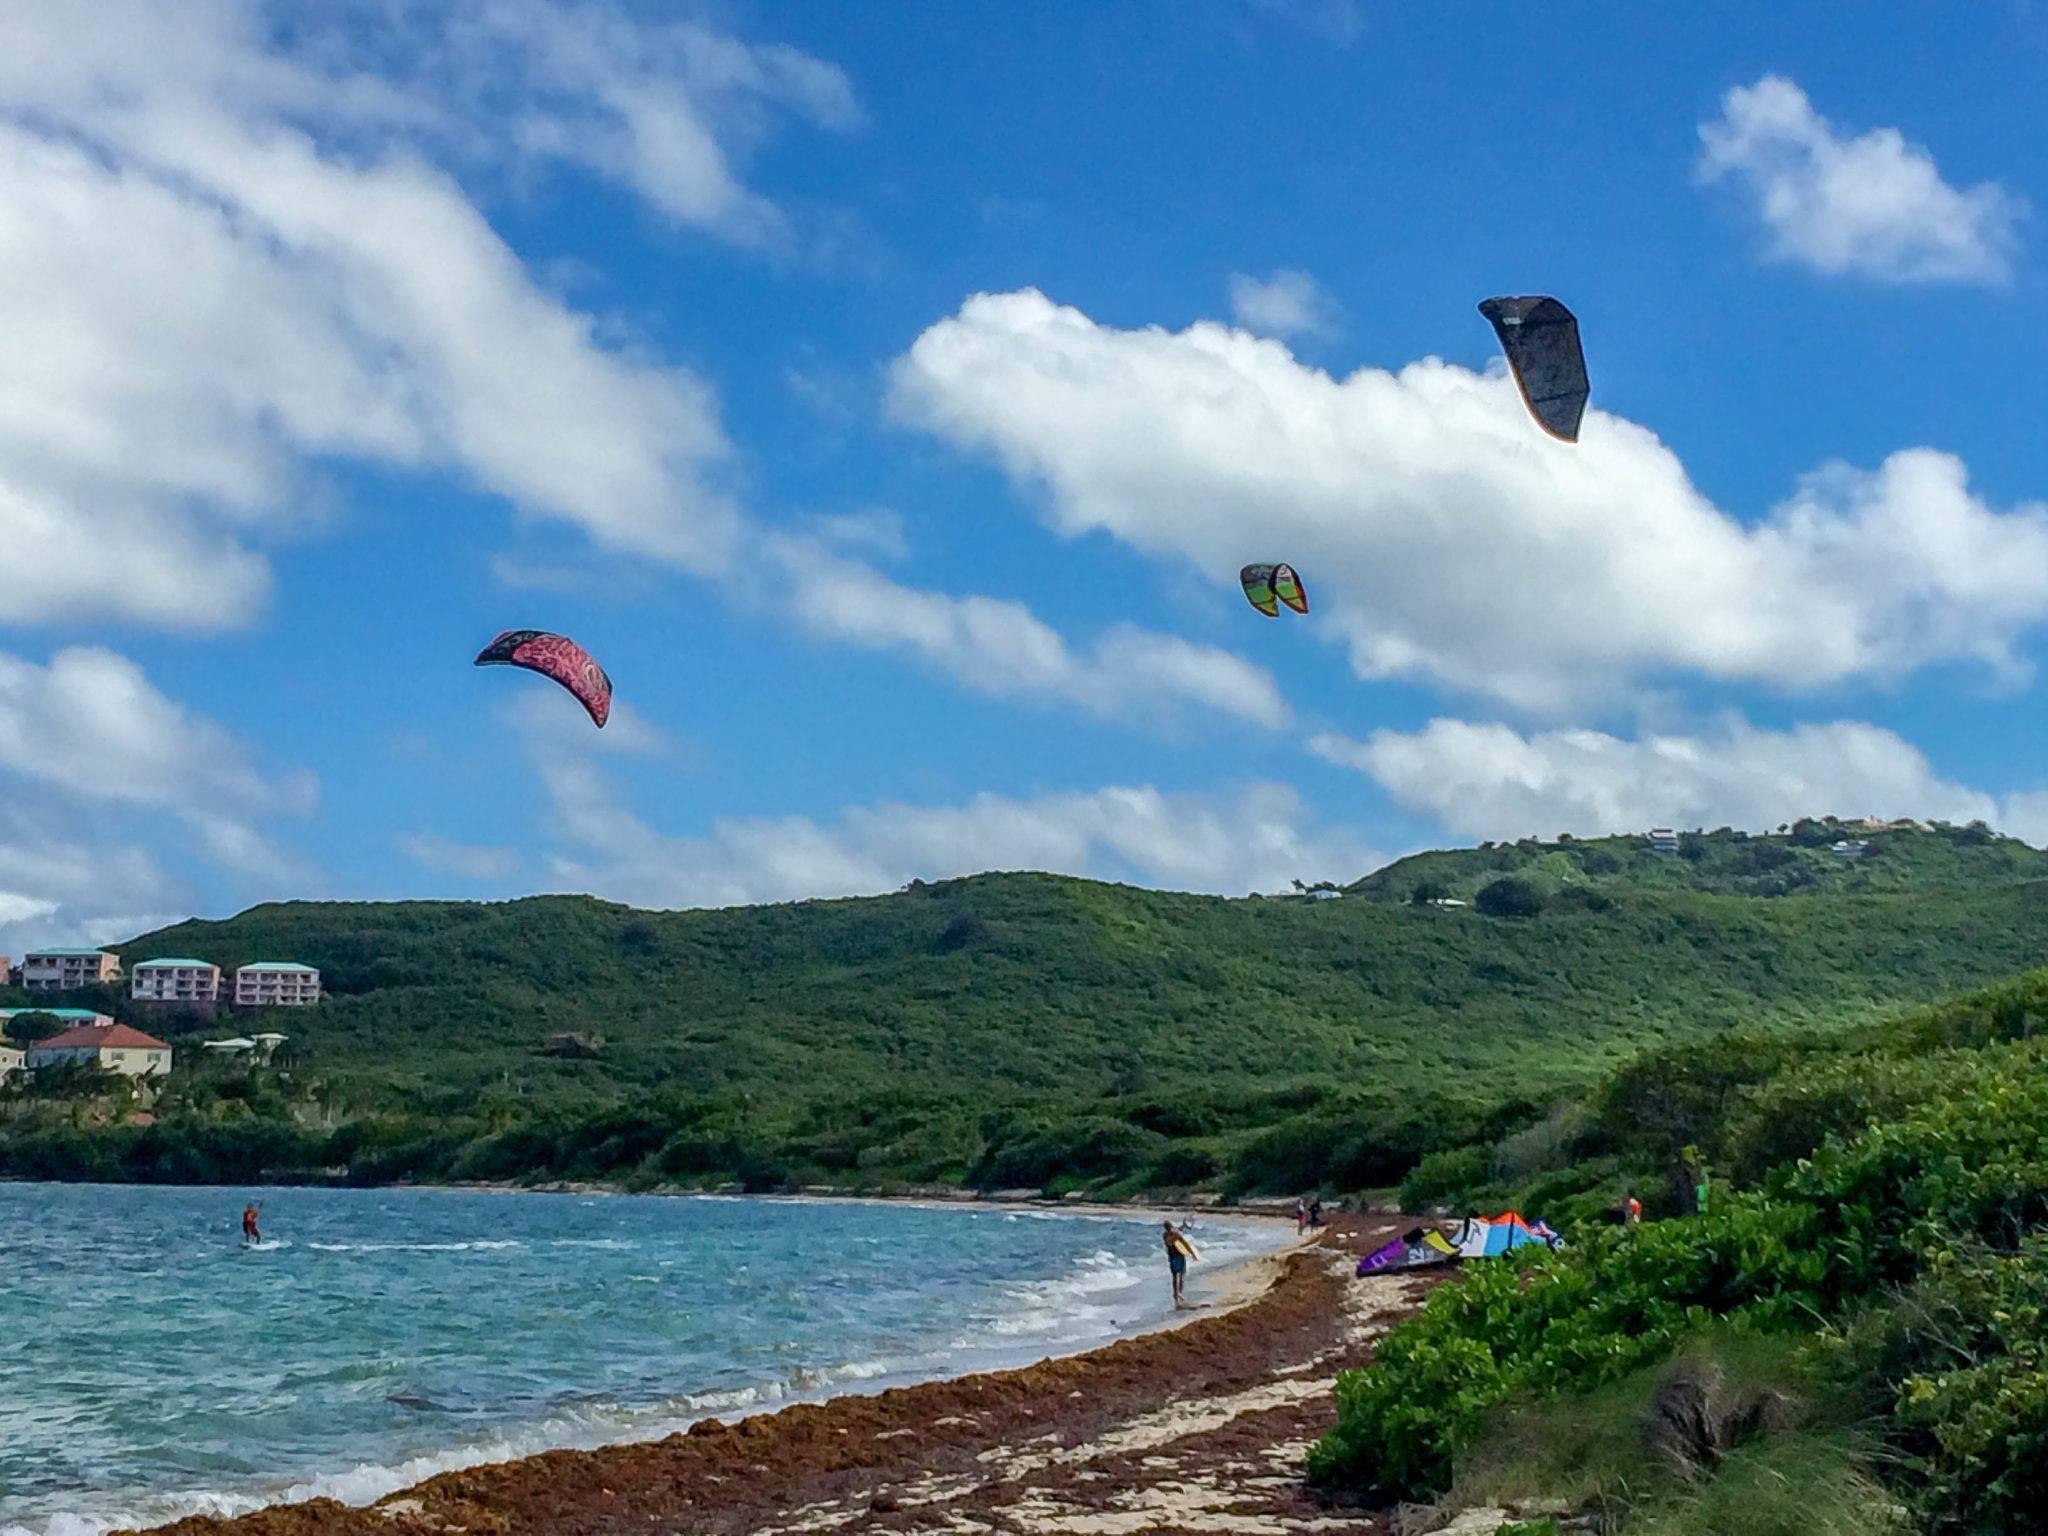 Kiteboarding in St Croix